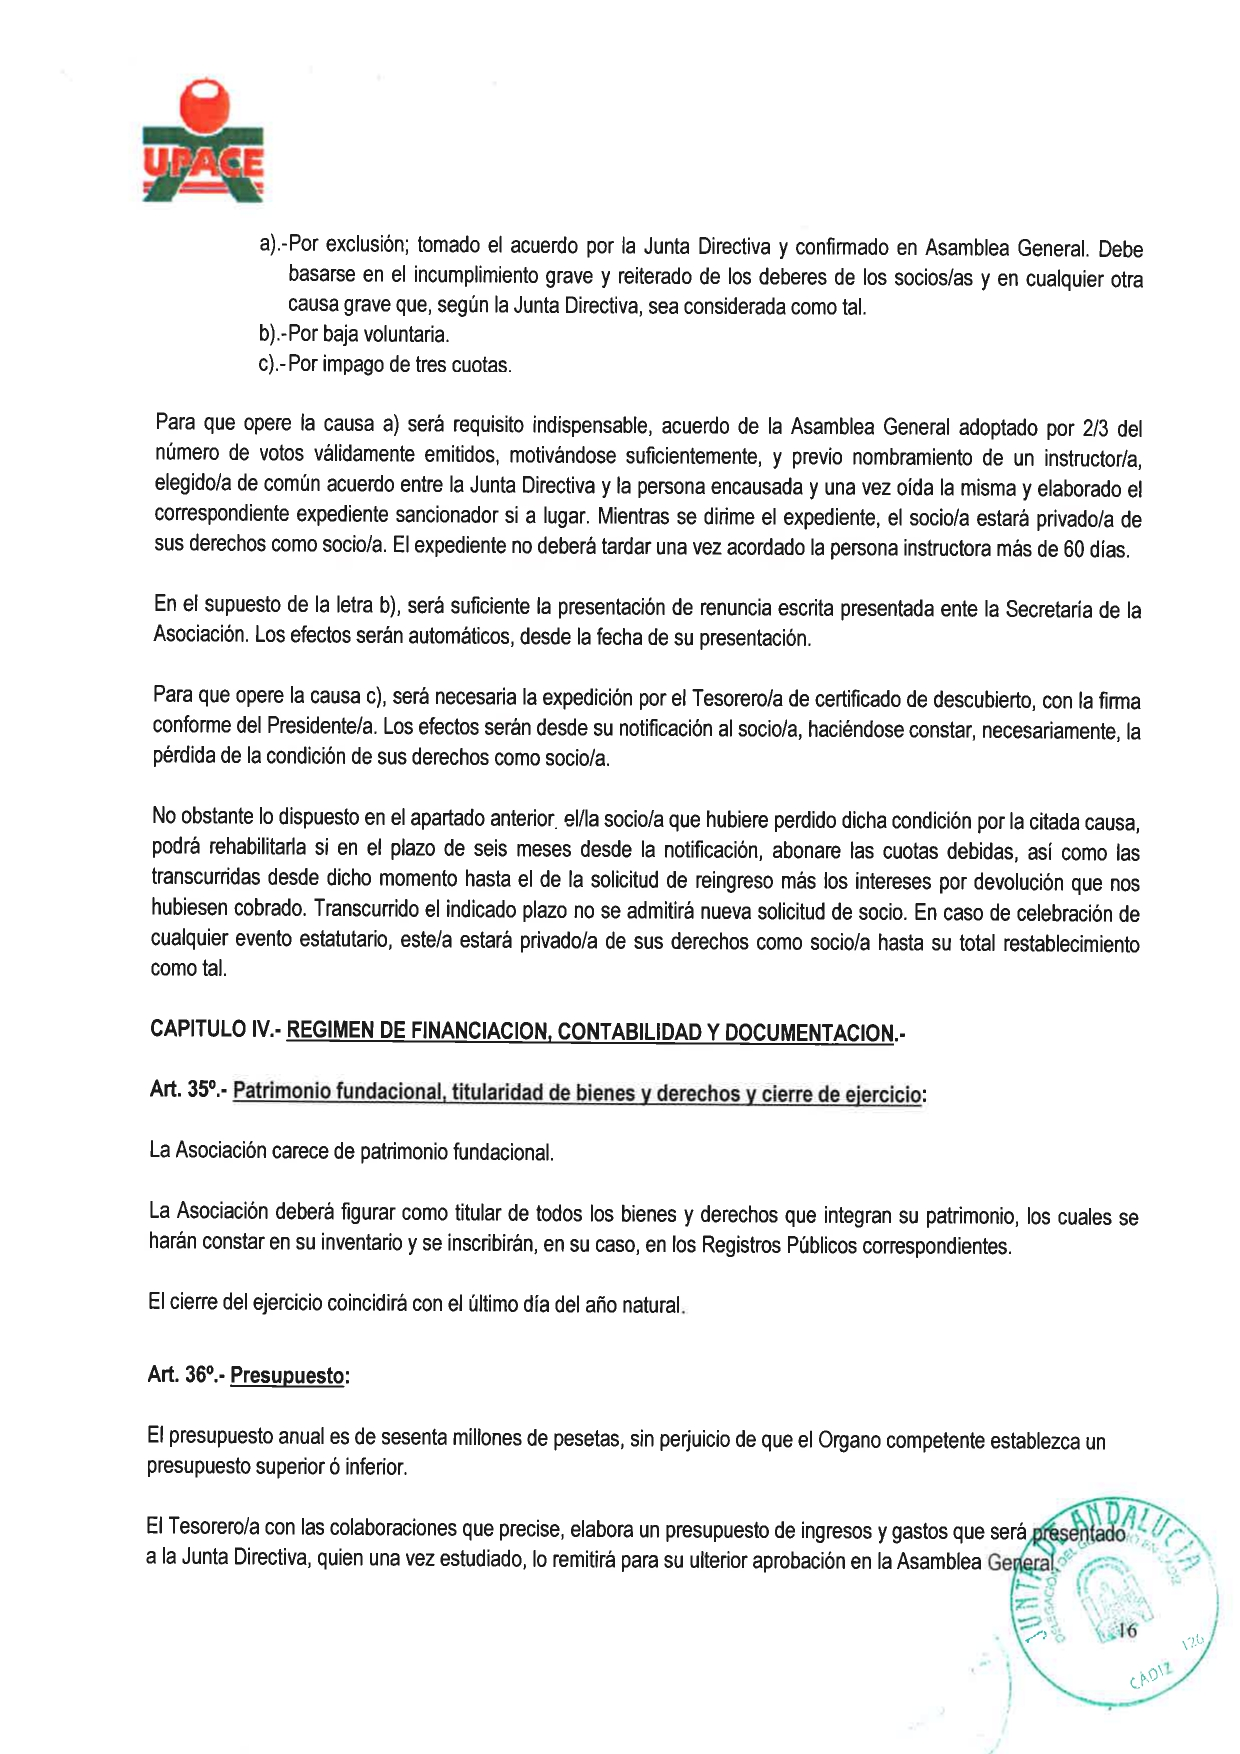 ESTATUTOS-19-06-2014_page-0016